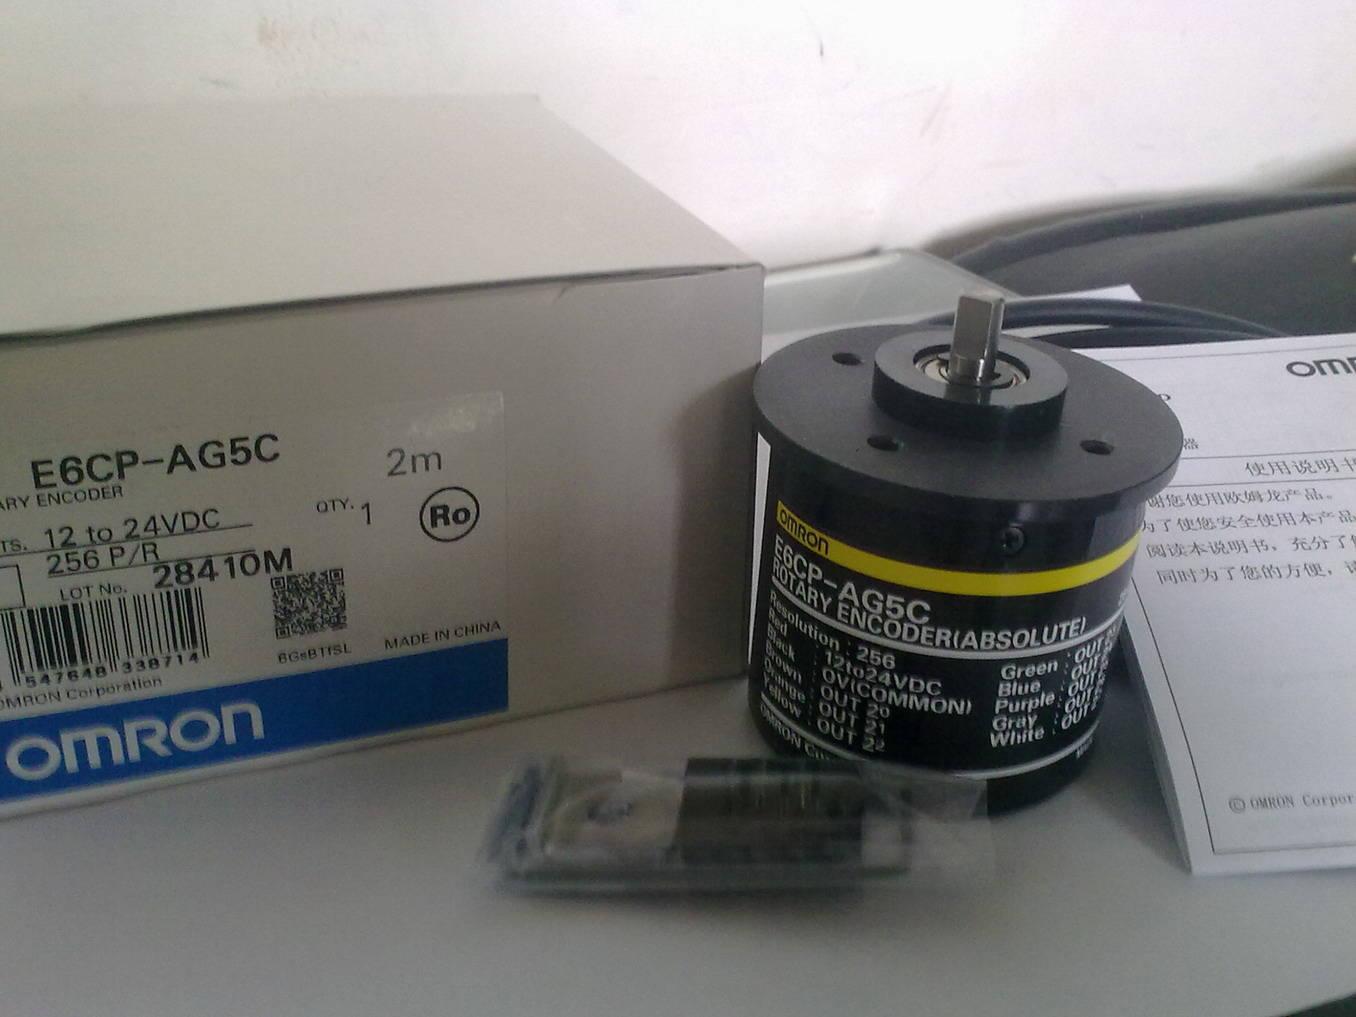 特价现货欧姆龙omron编码器e6cp-ag5c